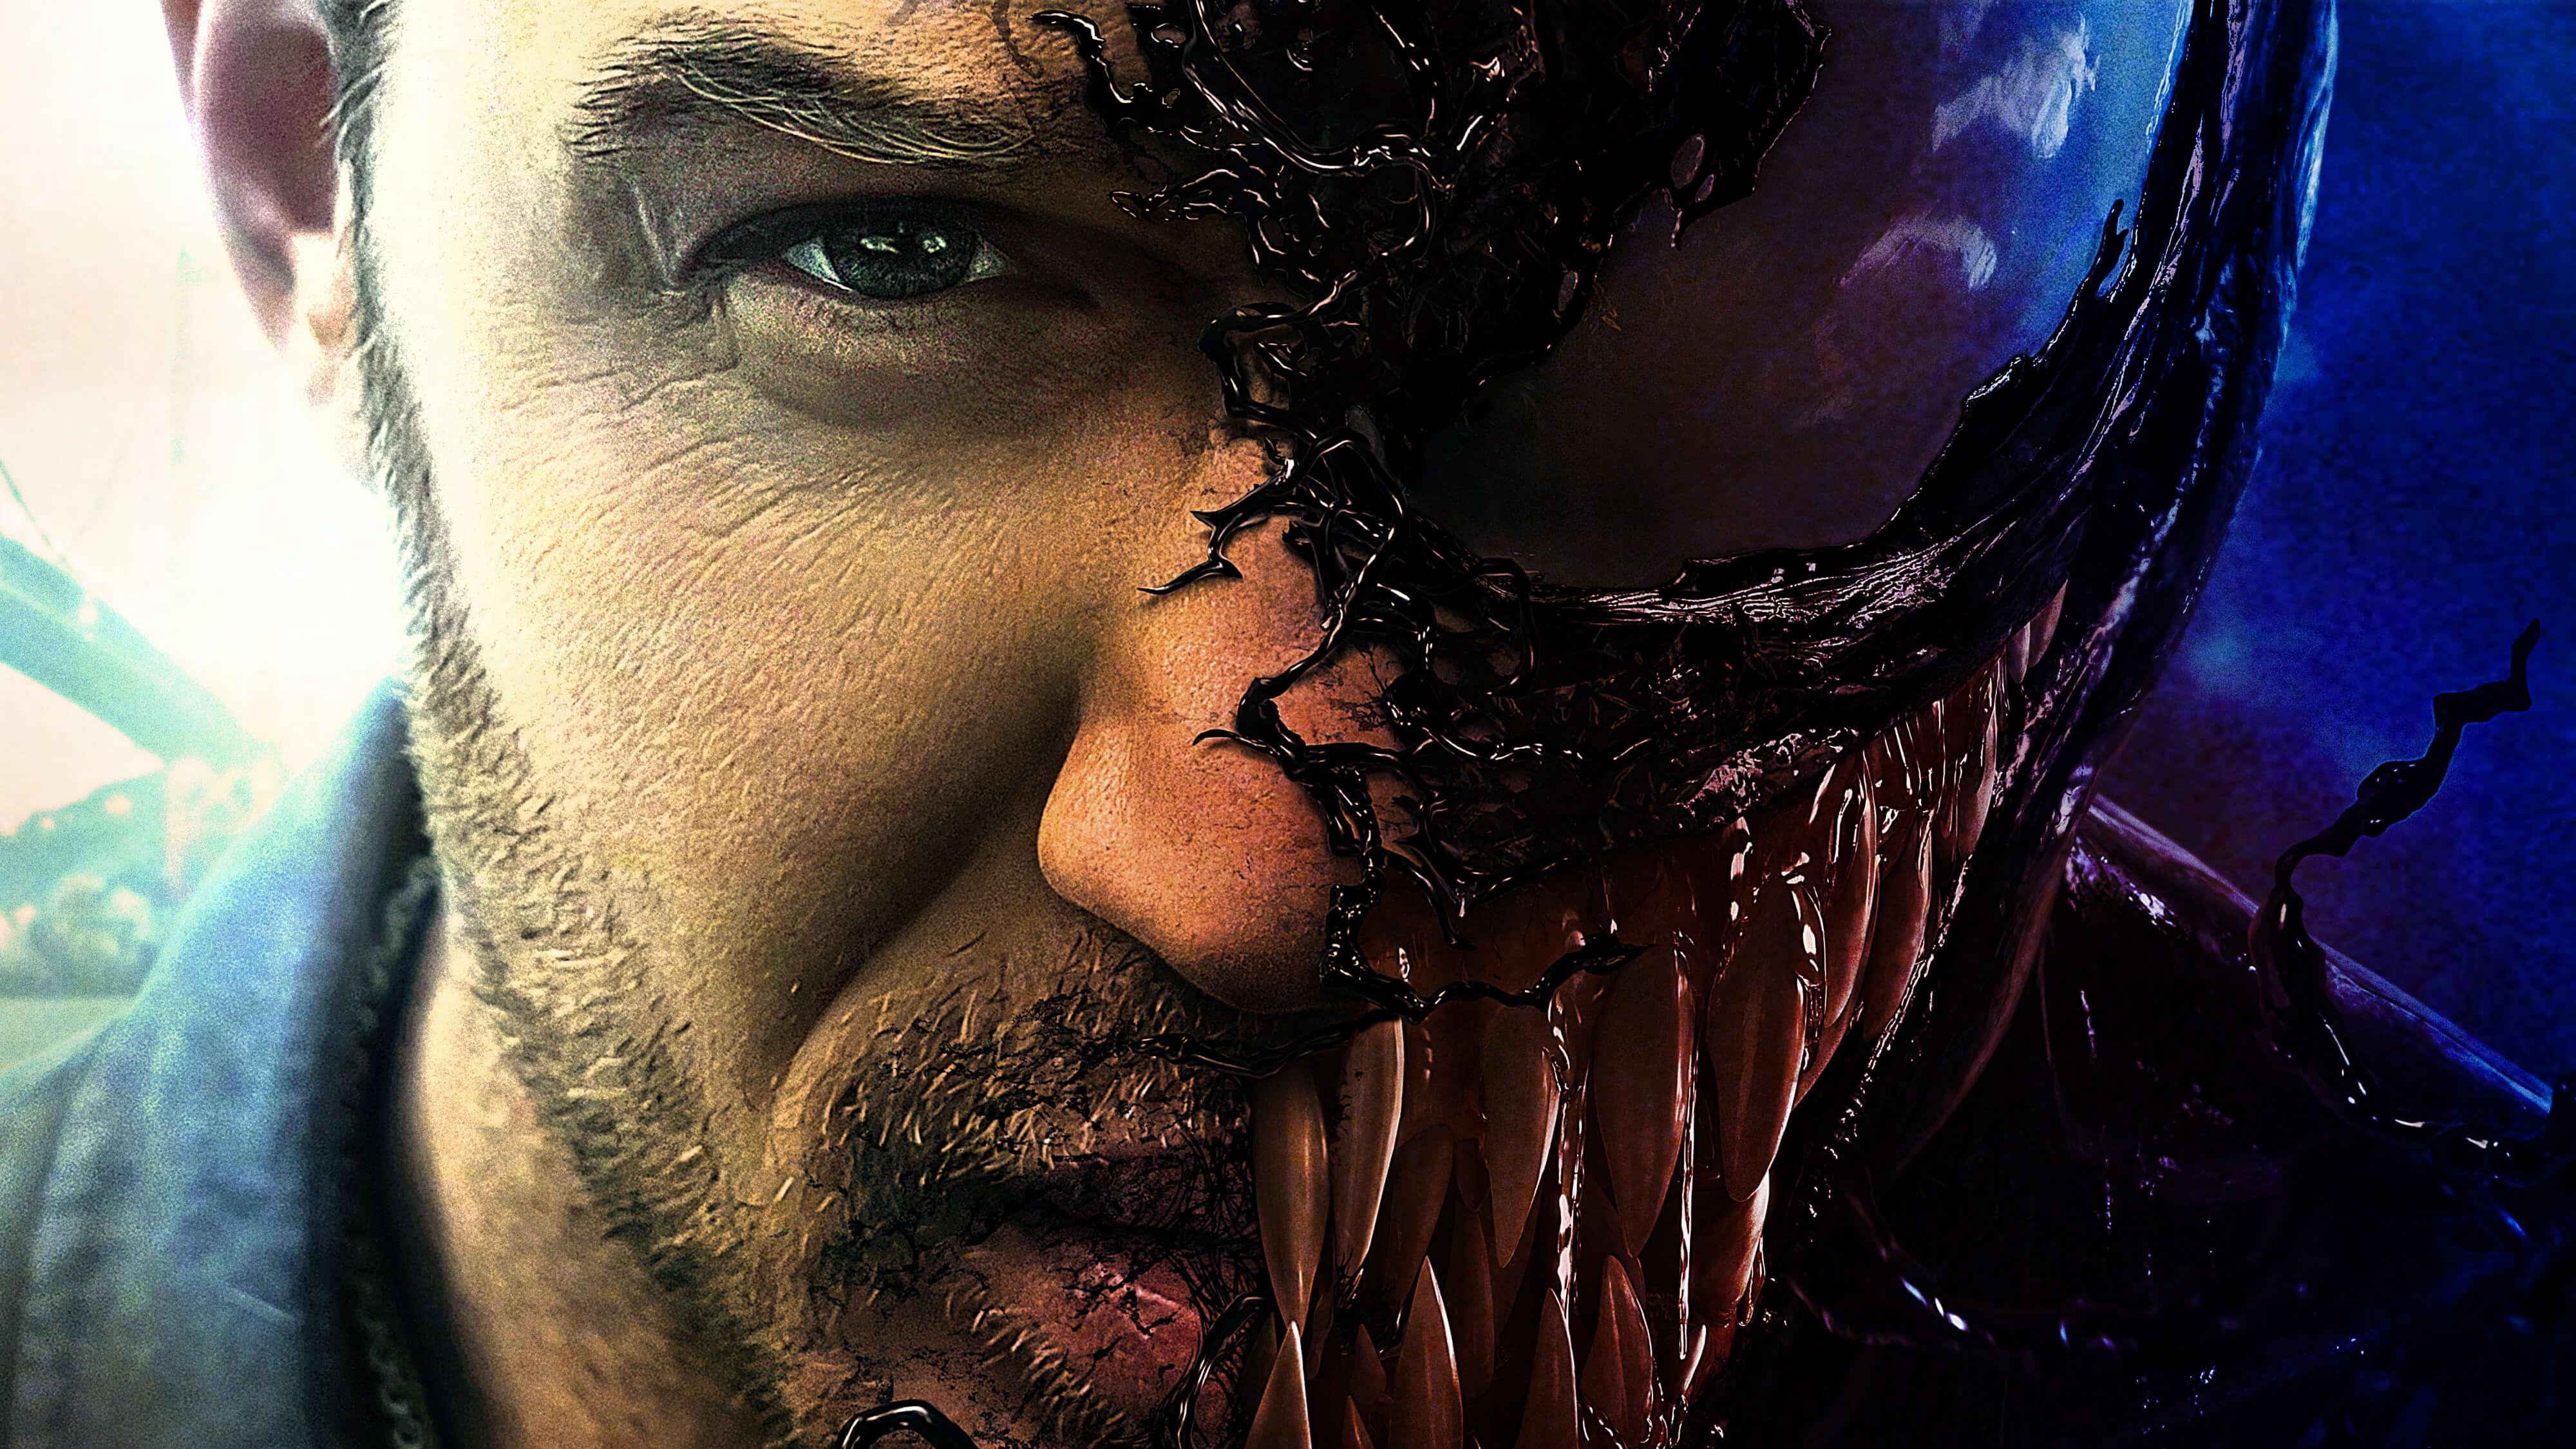 Download Venom Movie Background Wallpaper 65539 4000x2250 Px High Definition Wallpaper